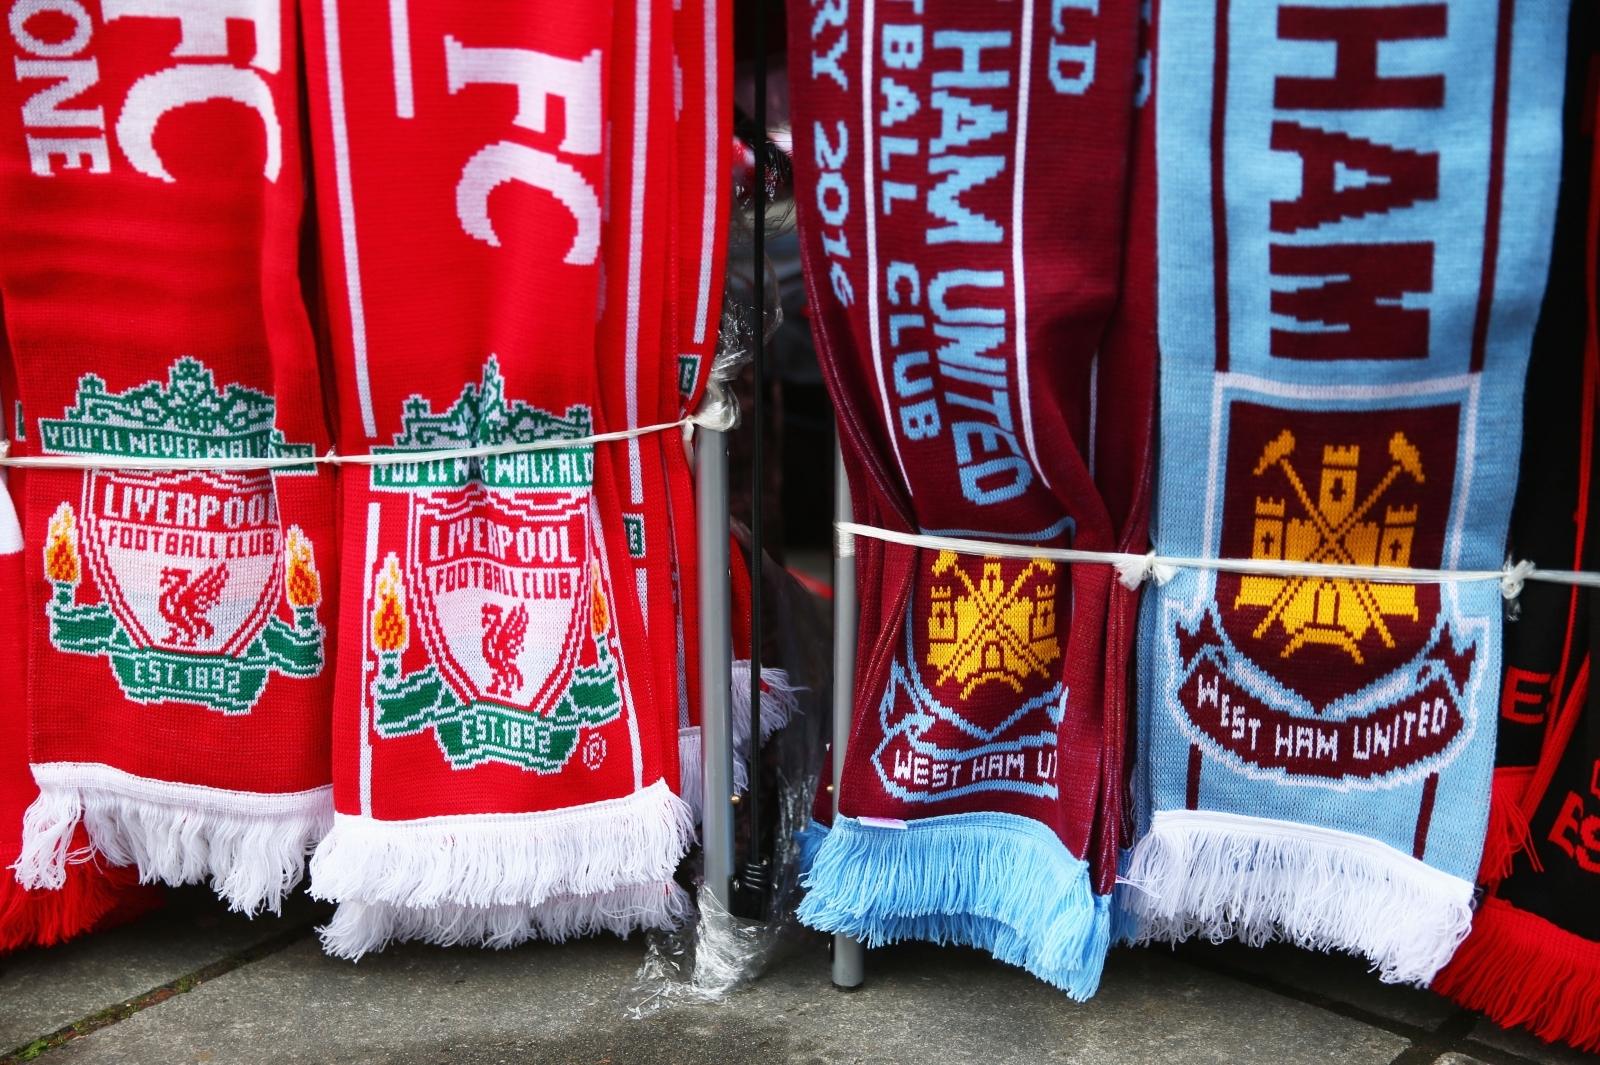 West Ham vs Liverpool: Premier League - LIVE